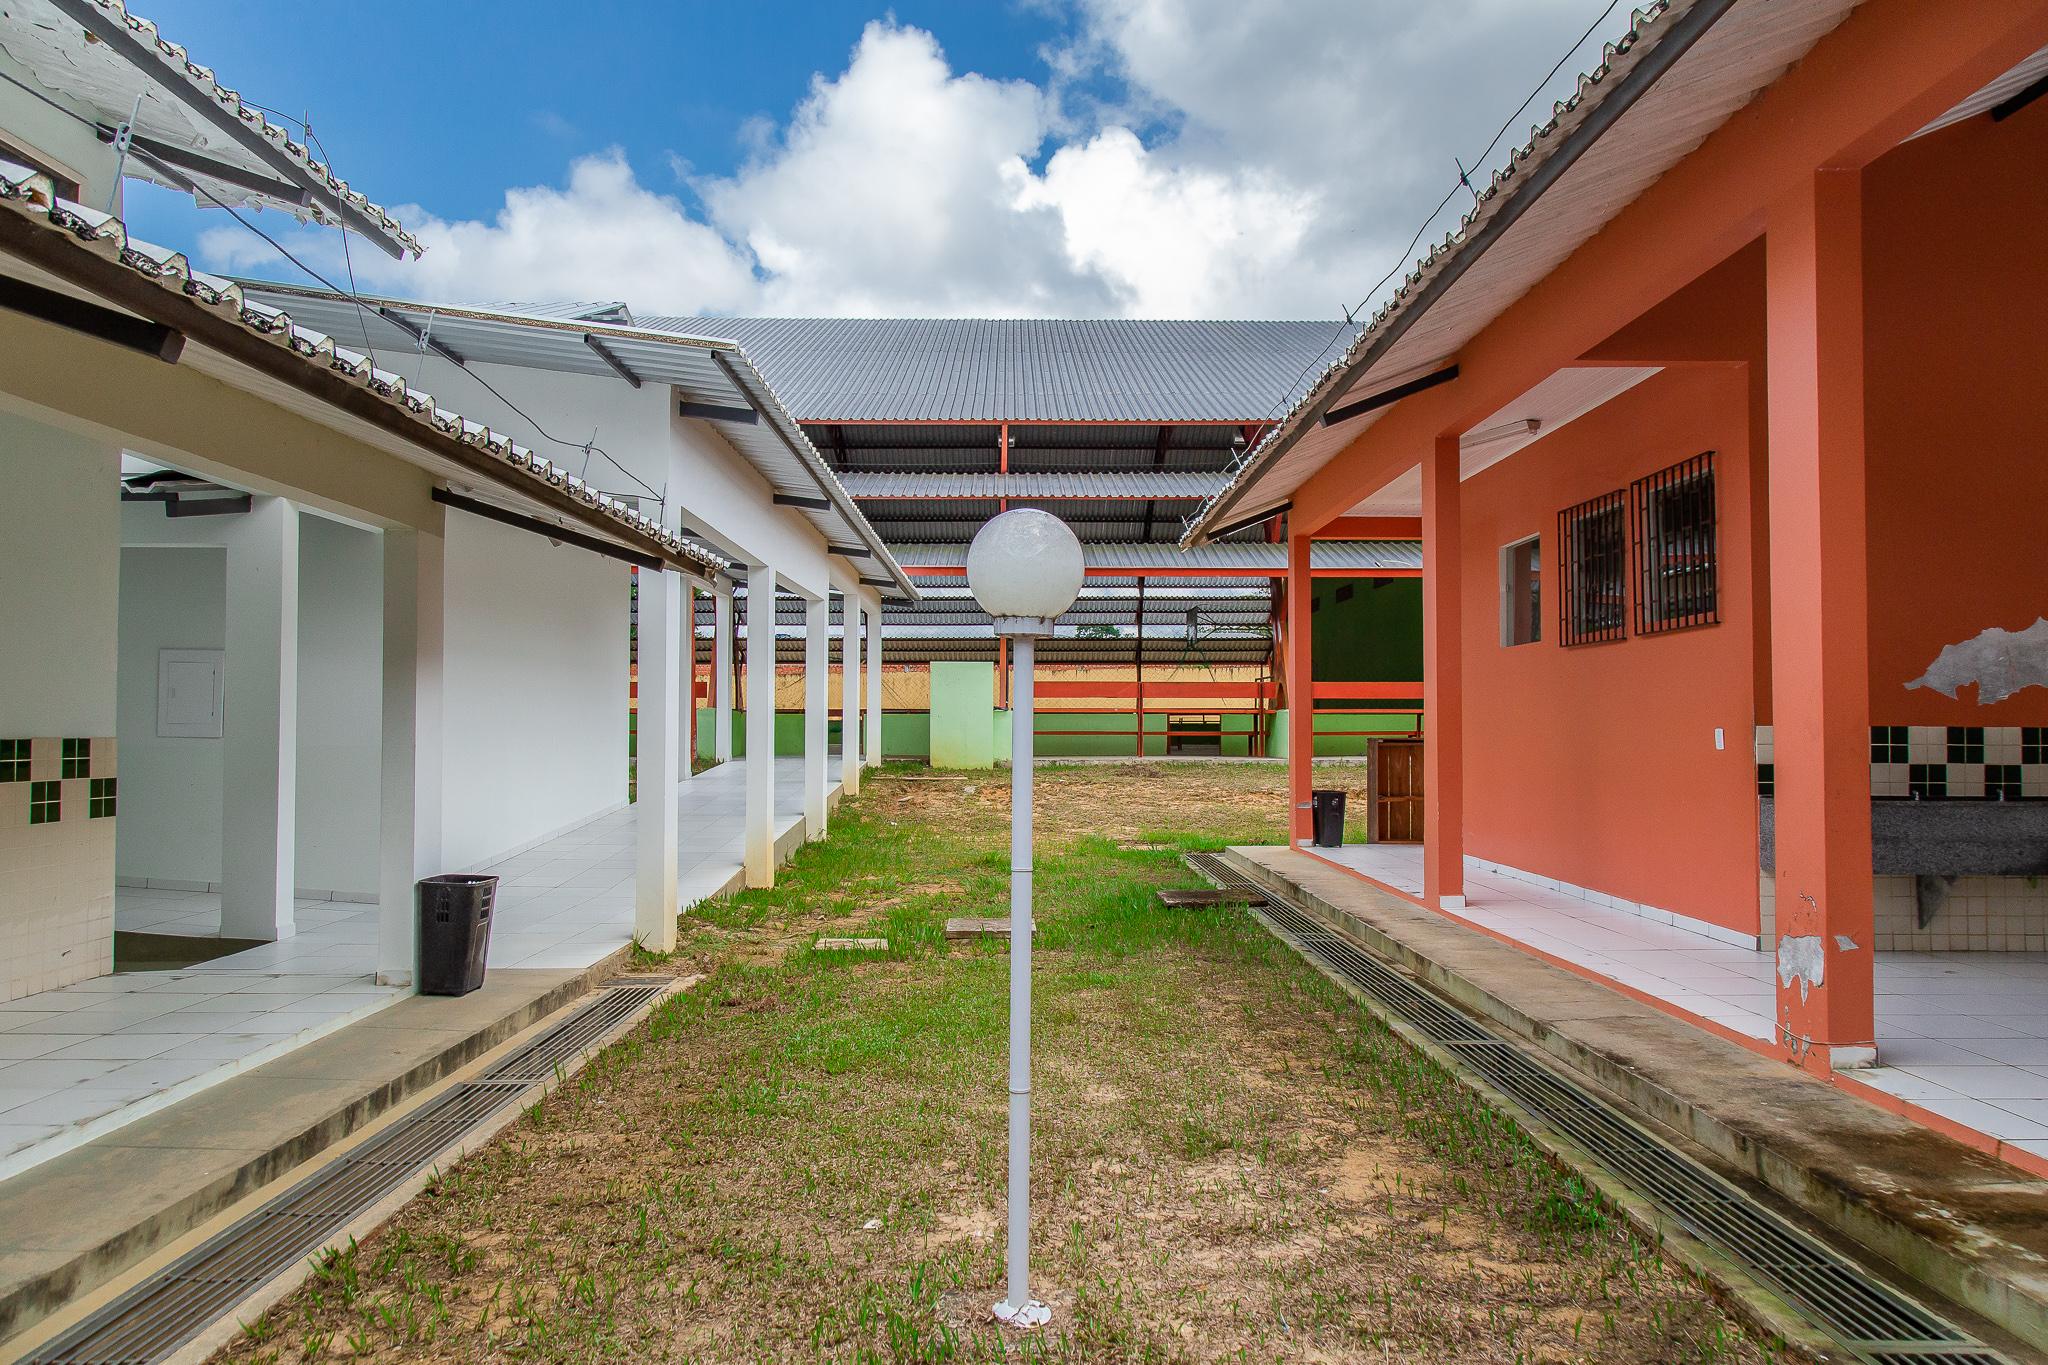 Vista interna do Colégio.